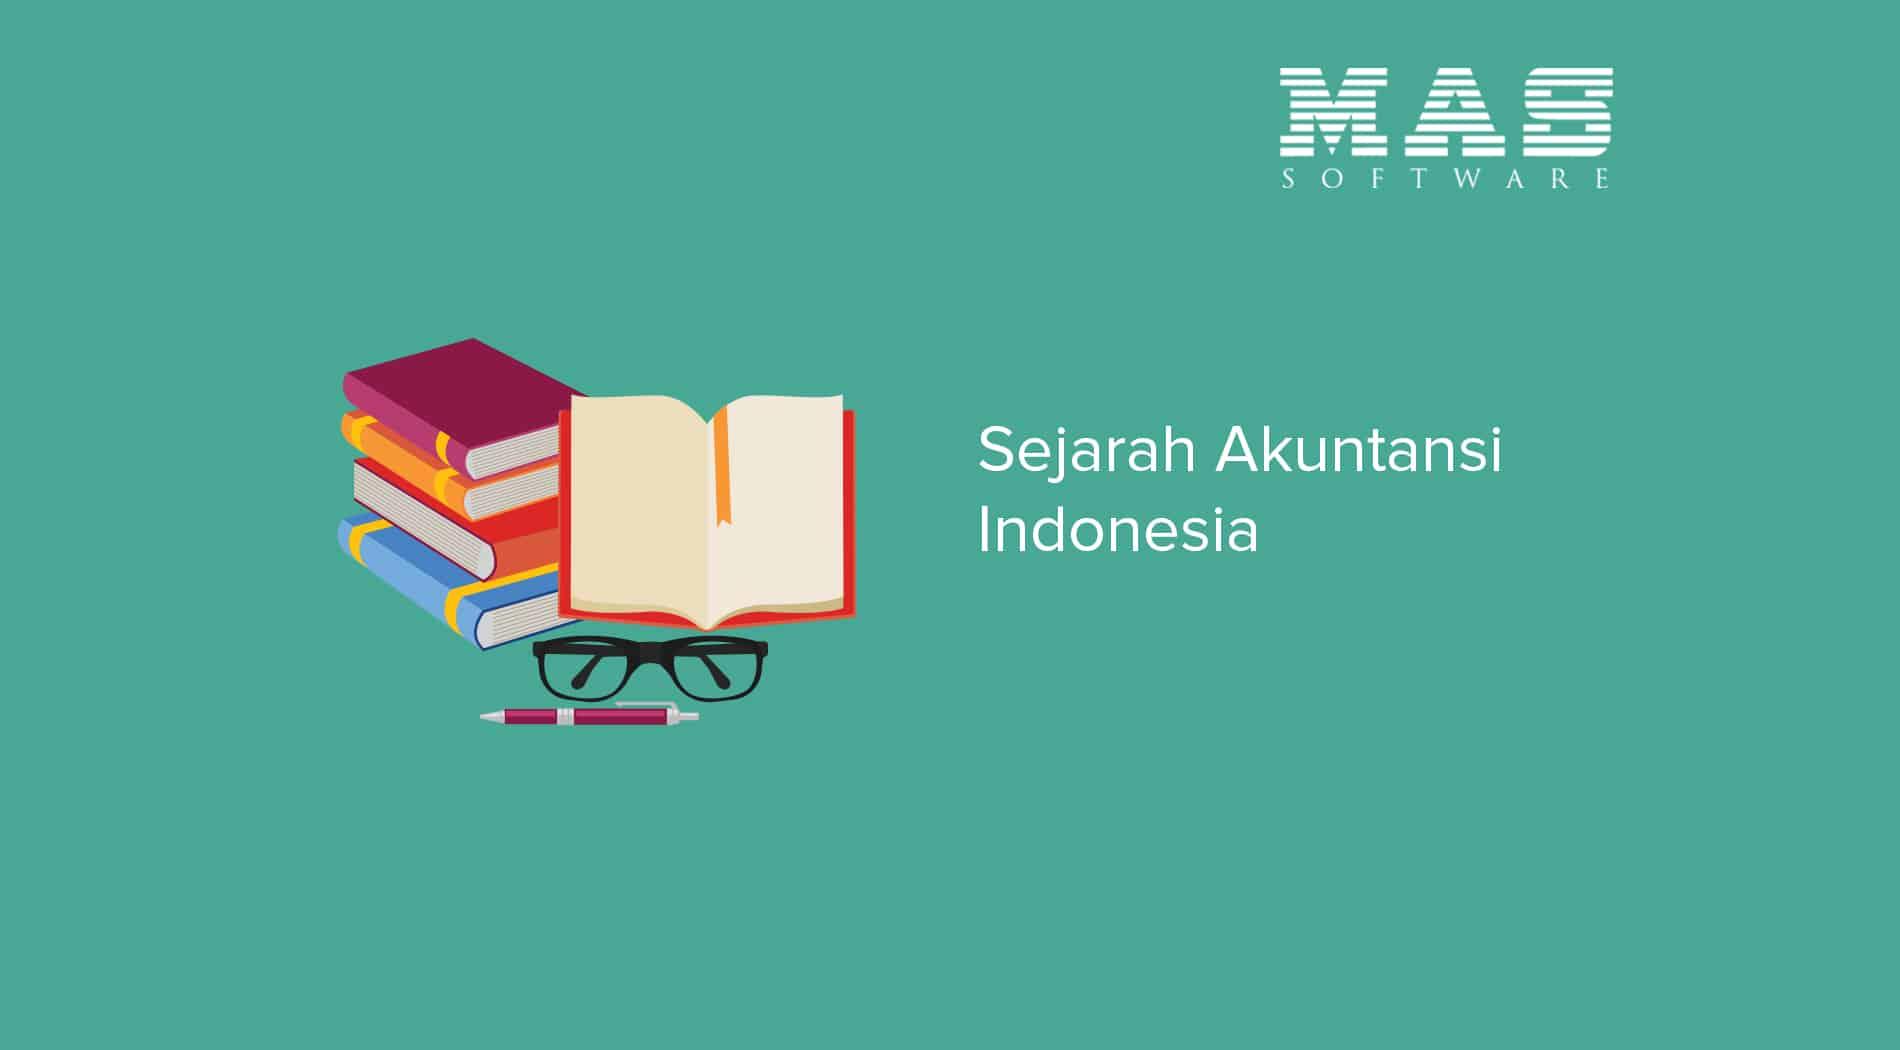 Sejarah Akuntansi Indonesia